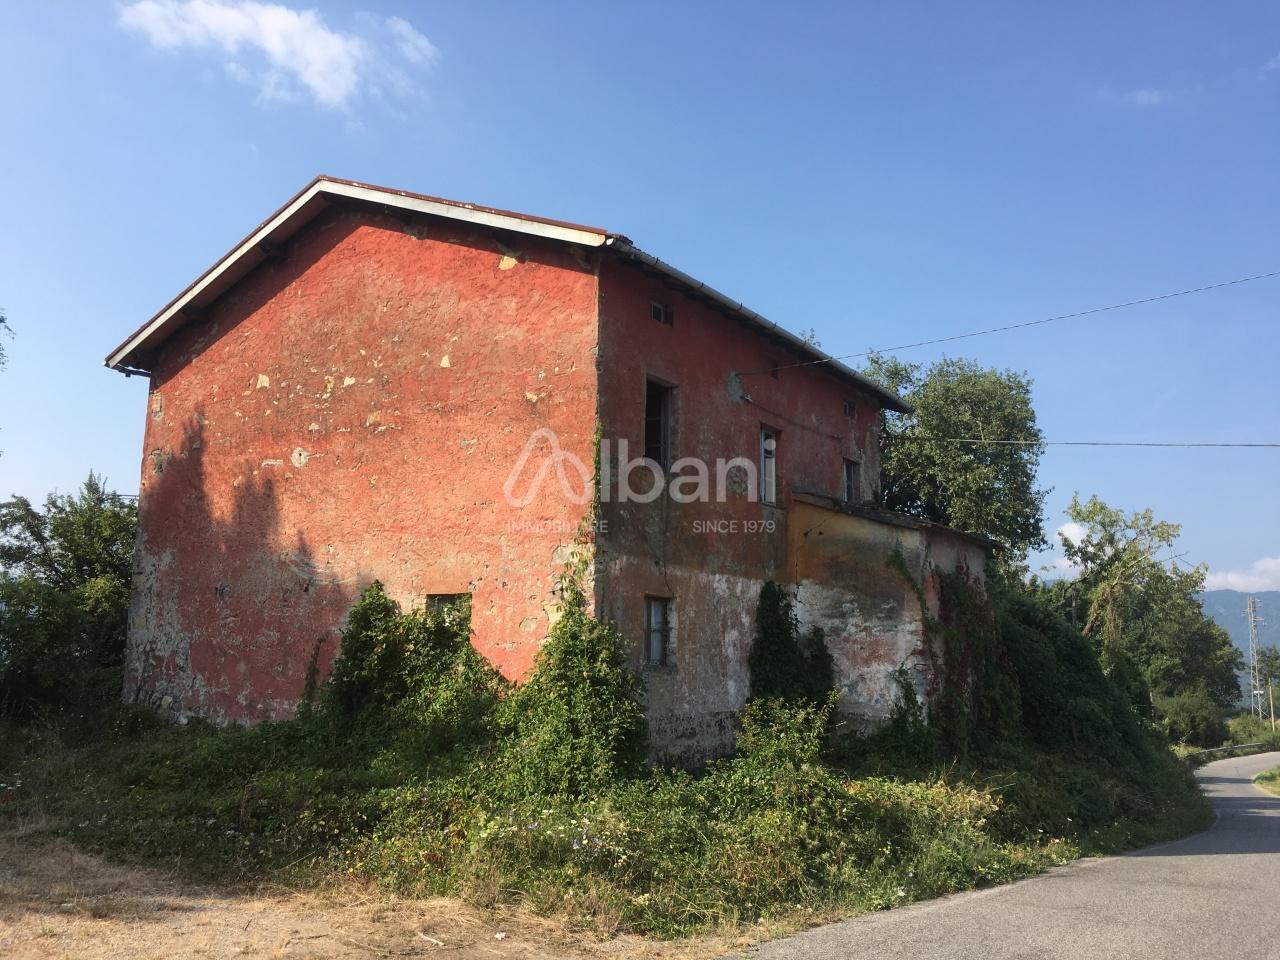 Indipendente - Rustico a Ceserano, Fivizzano